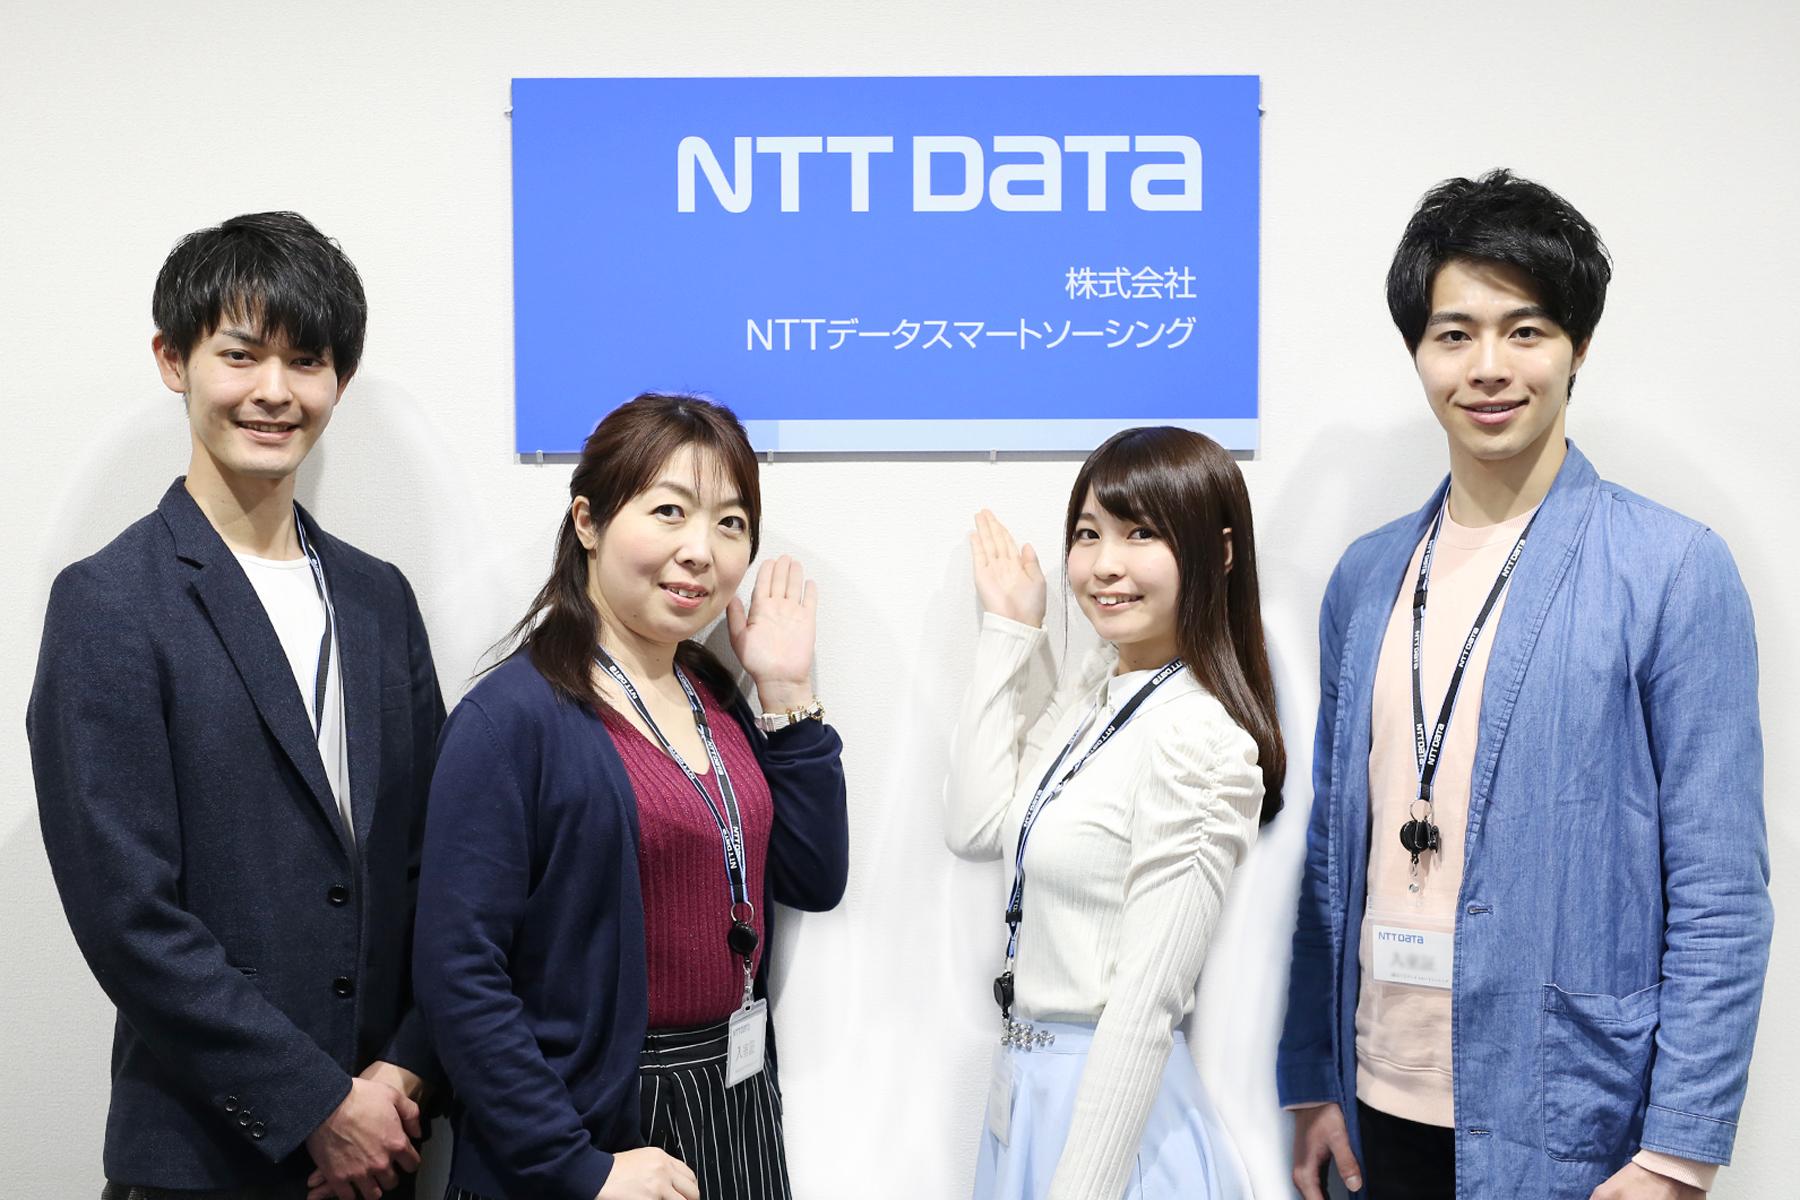 株式会社NTTデータ・スマートソーシング 総合職(BPO)